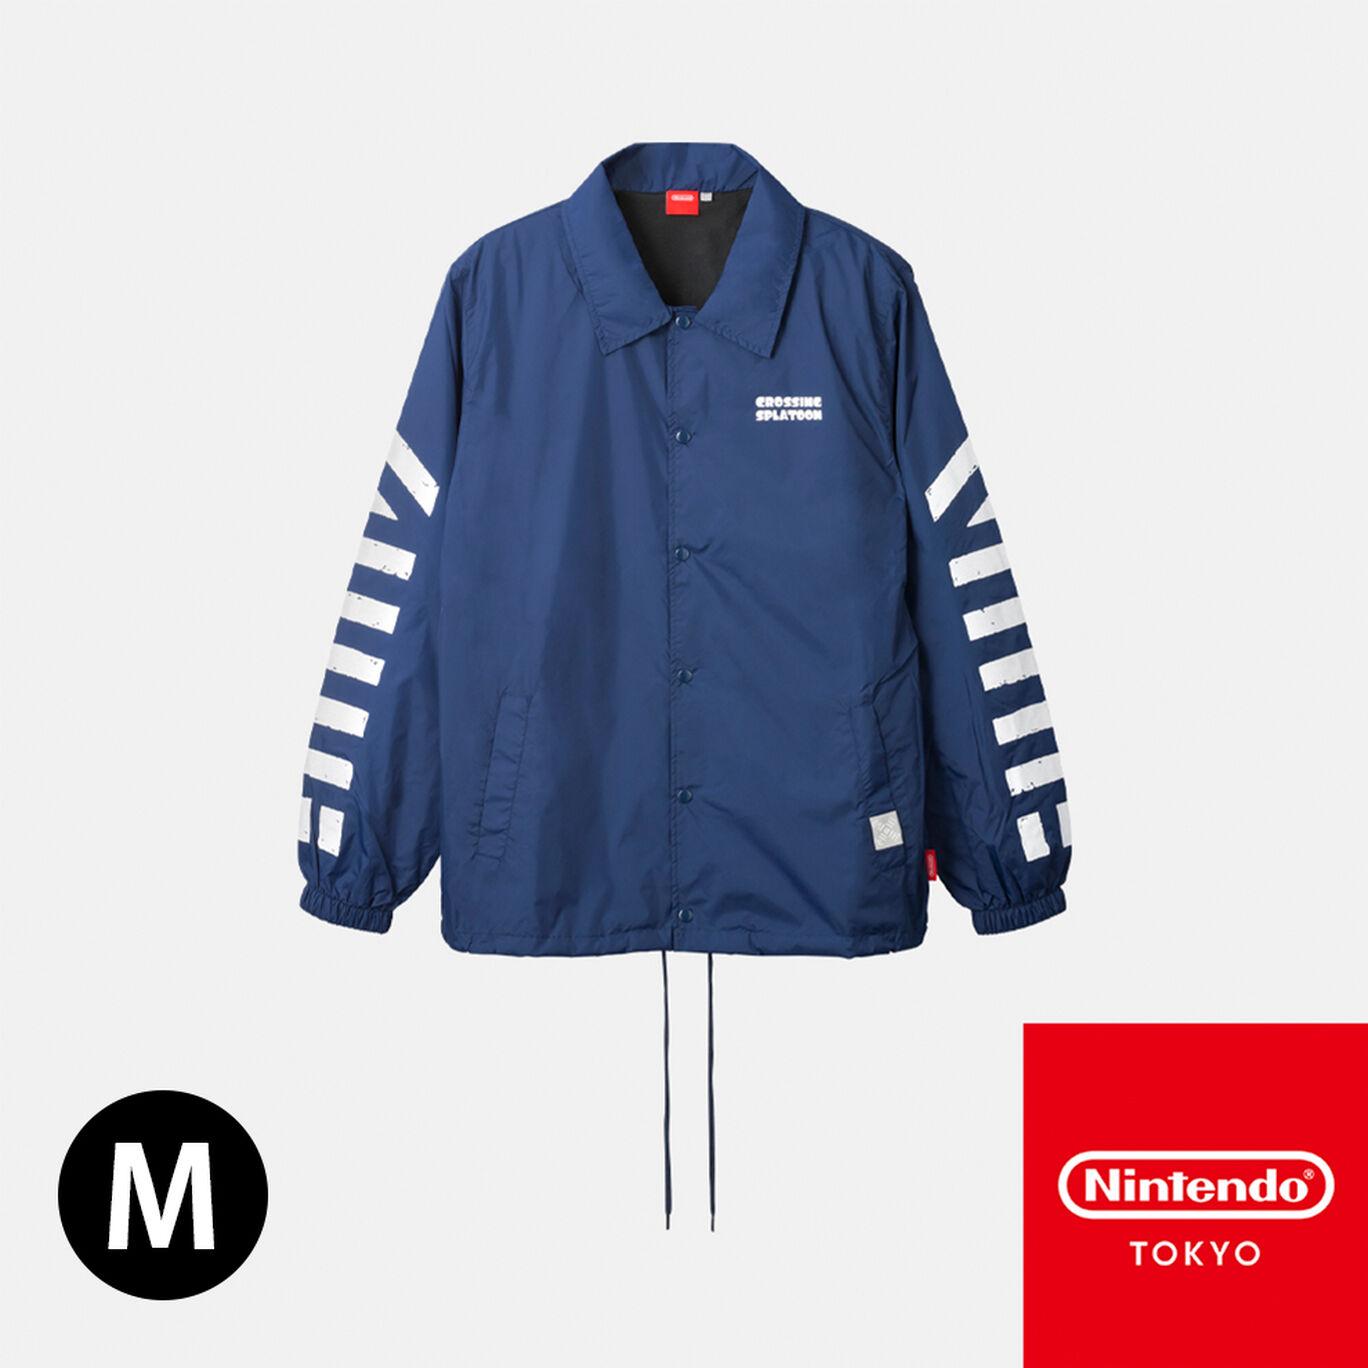 コーチジャケット CROSSING SPLATOON M【Nintendo TOKYO取り扱い商品】